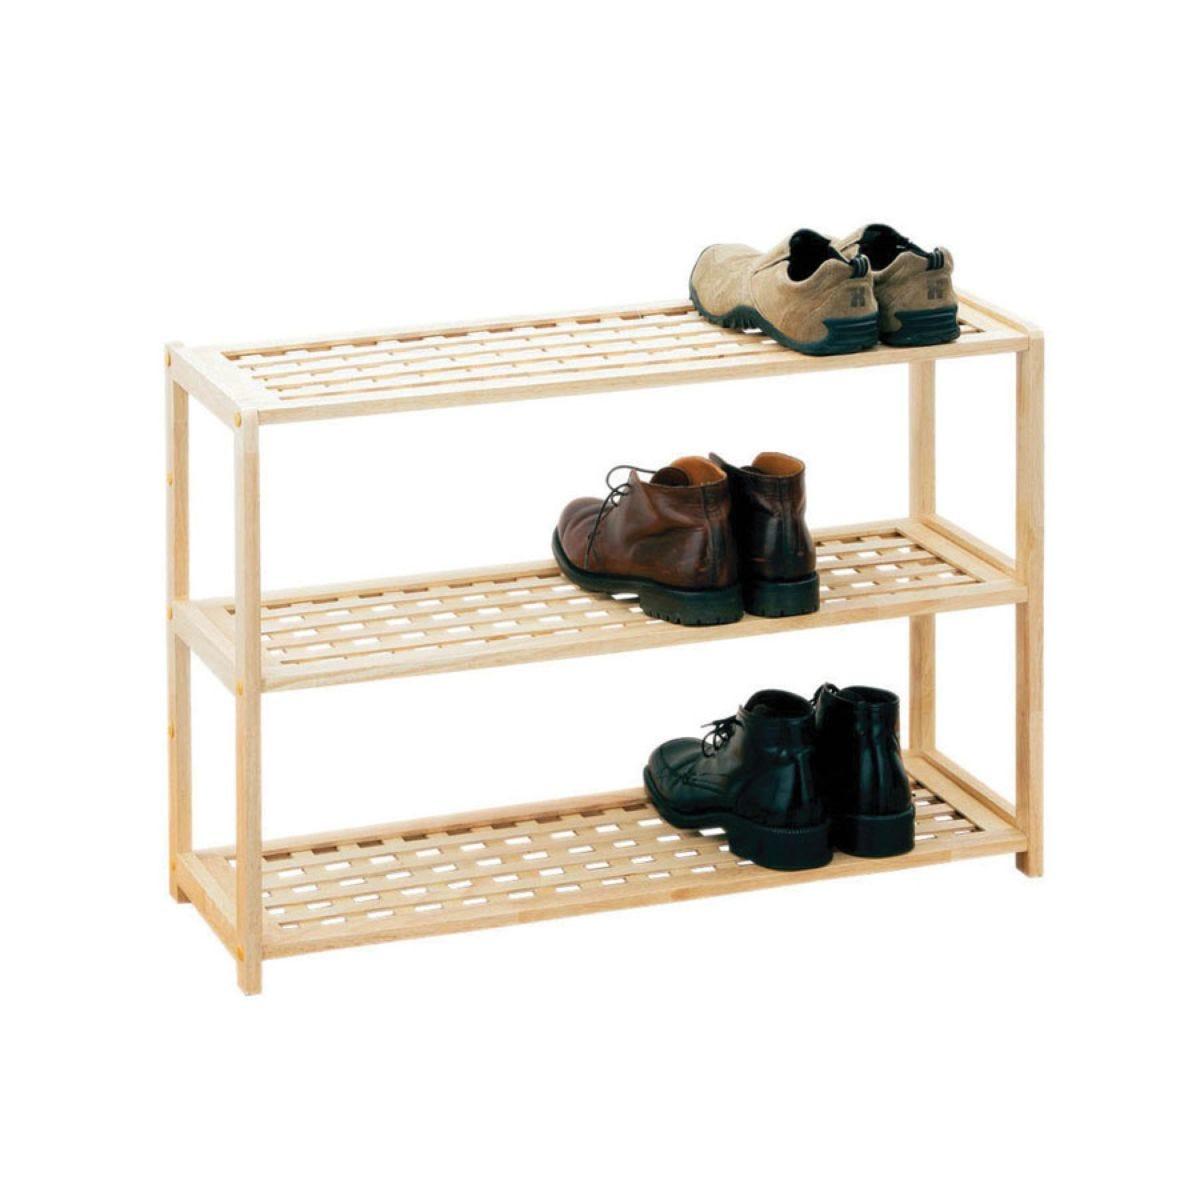 Premier Housewares 3-Tier Wooden Shoe Rack